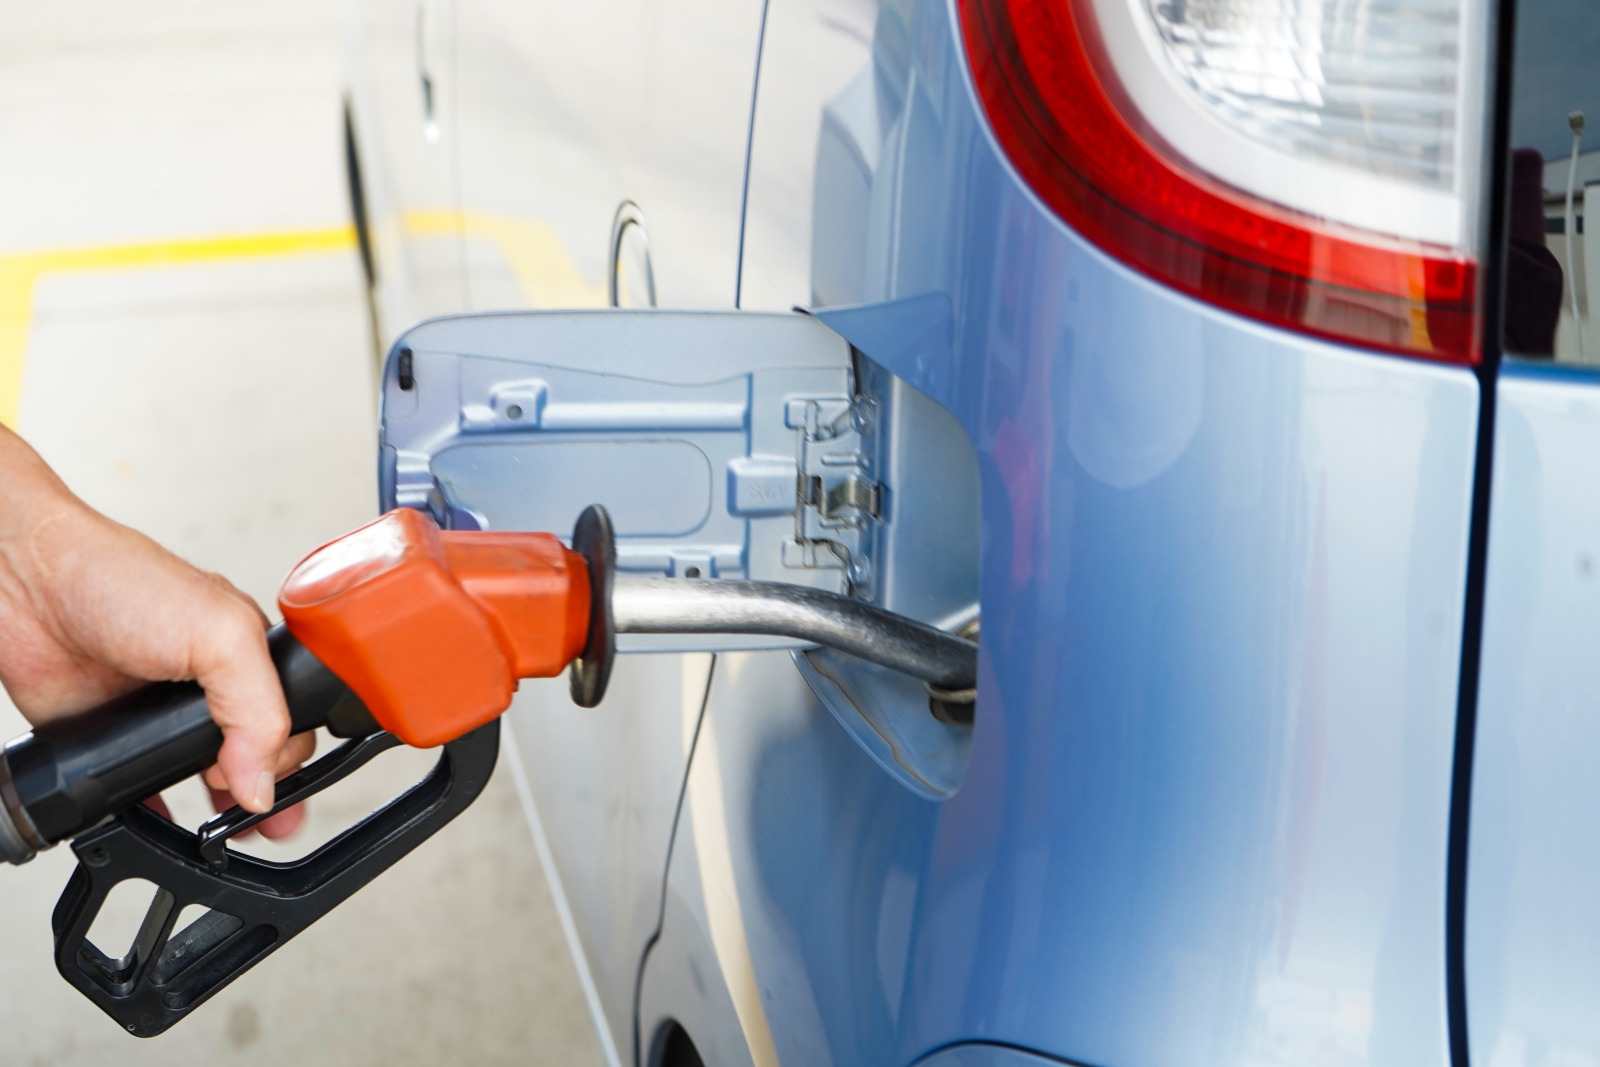 軽自動車に「軽油」は重大ミス! セルフスタンドに多い燃料の入れ間違いトラブルに要注意